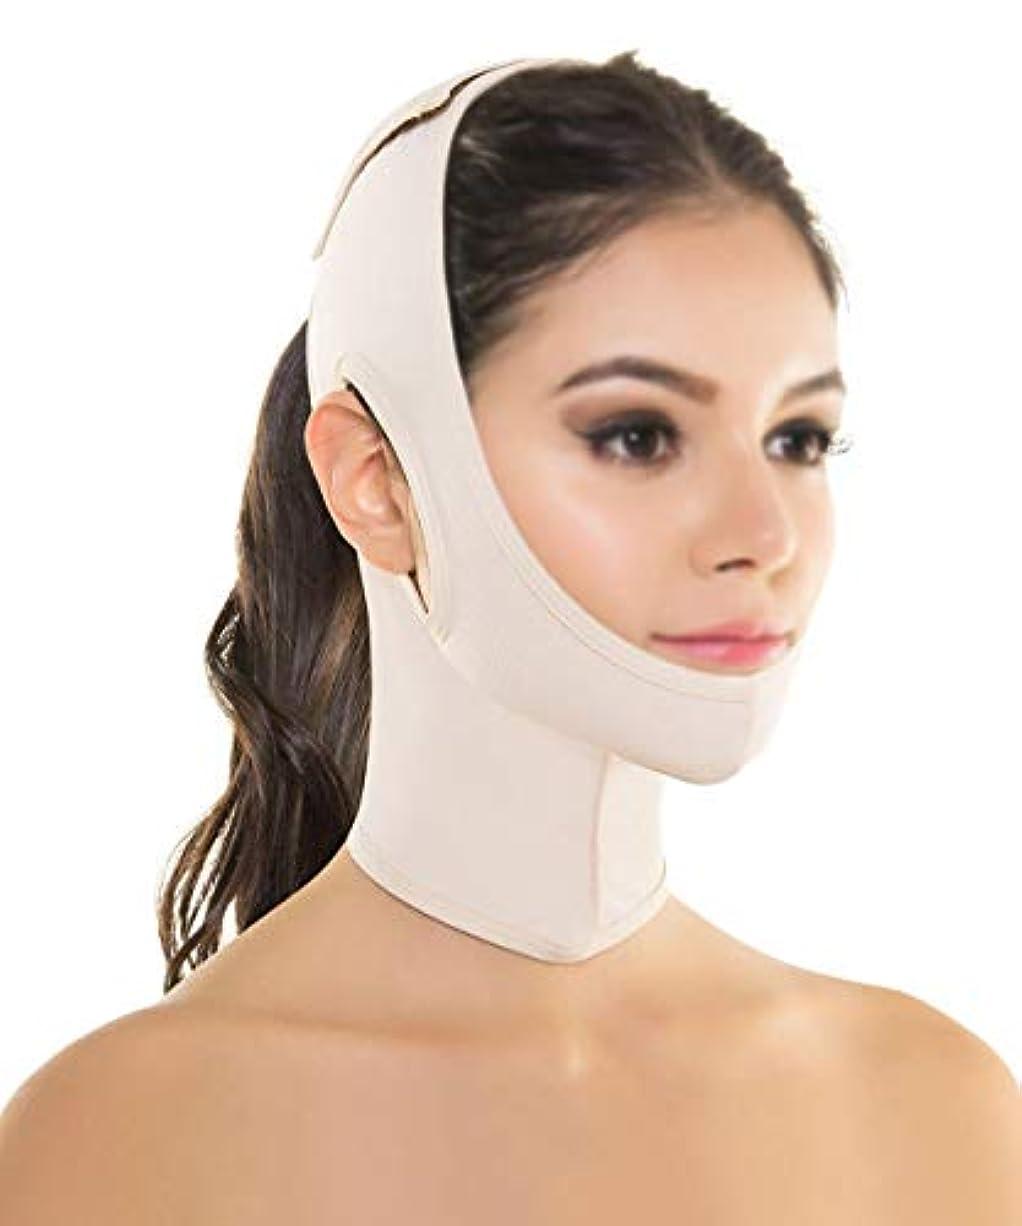 テニス余裕がある組み合わせフェイスリフトマスク、シリコーンVフェイスマスクリフティングフェイスマスクフェイスリフティングアーティファクトリフティングダブルあご術後包帯顔と首リフト (Color : Skin tone)